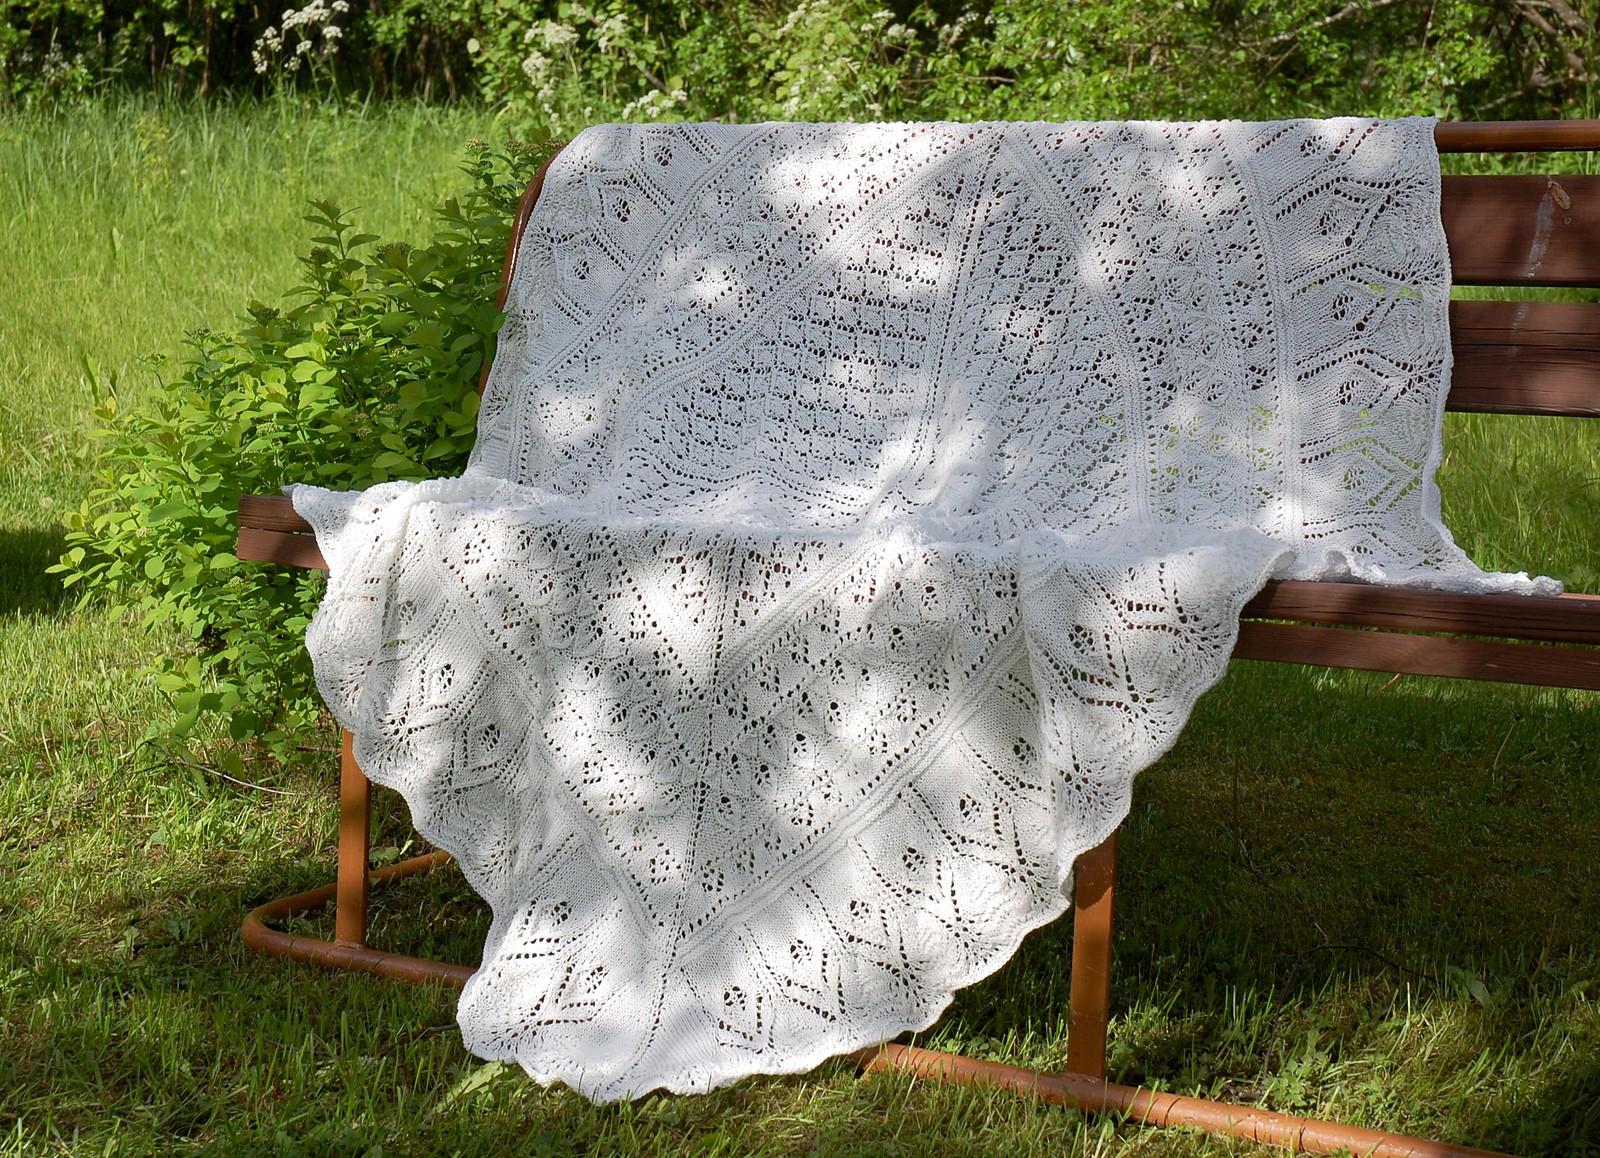 работа Konststycket, размер 270 x 130 см, спицы 3,5 мм, нитки Garnstudio DROPS Silke-Tweed (шелк/шерсть, 200 м/50 г); ушло 7 мотков. Детское одеяло